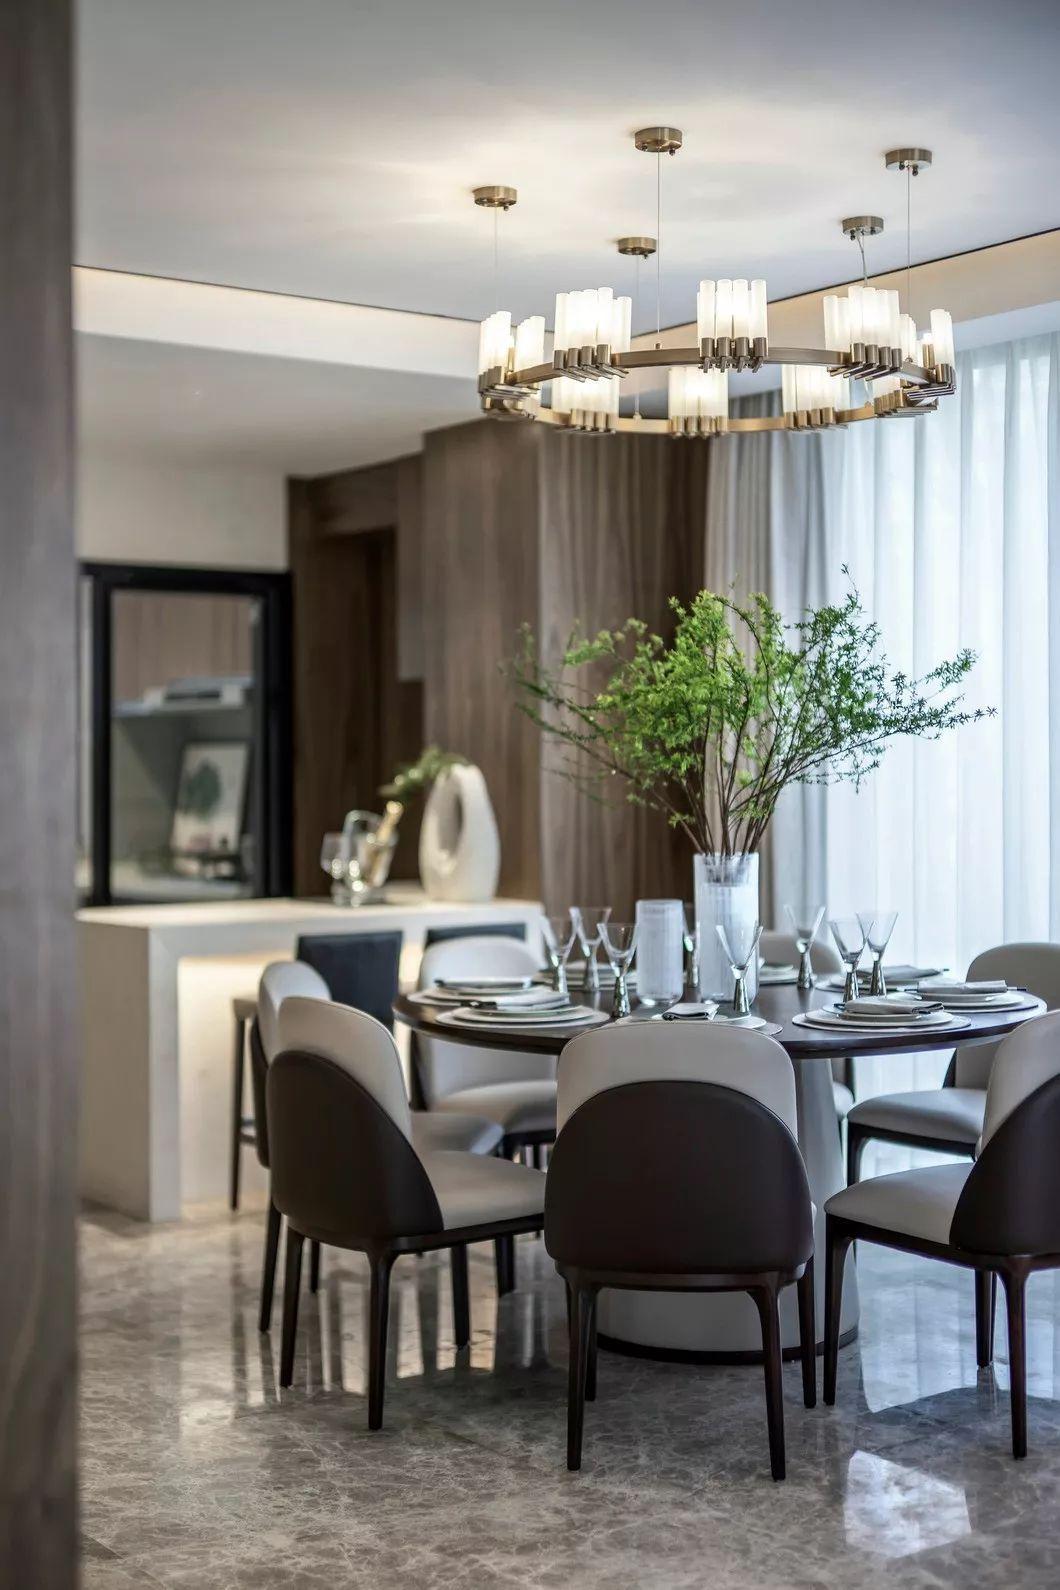 川谷堂 320 現代新中式 很美很高級 馬蹄室內設計網 Dinner